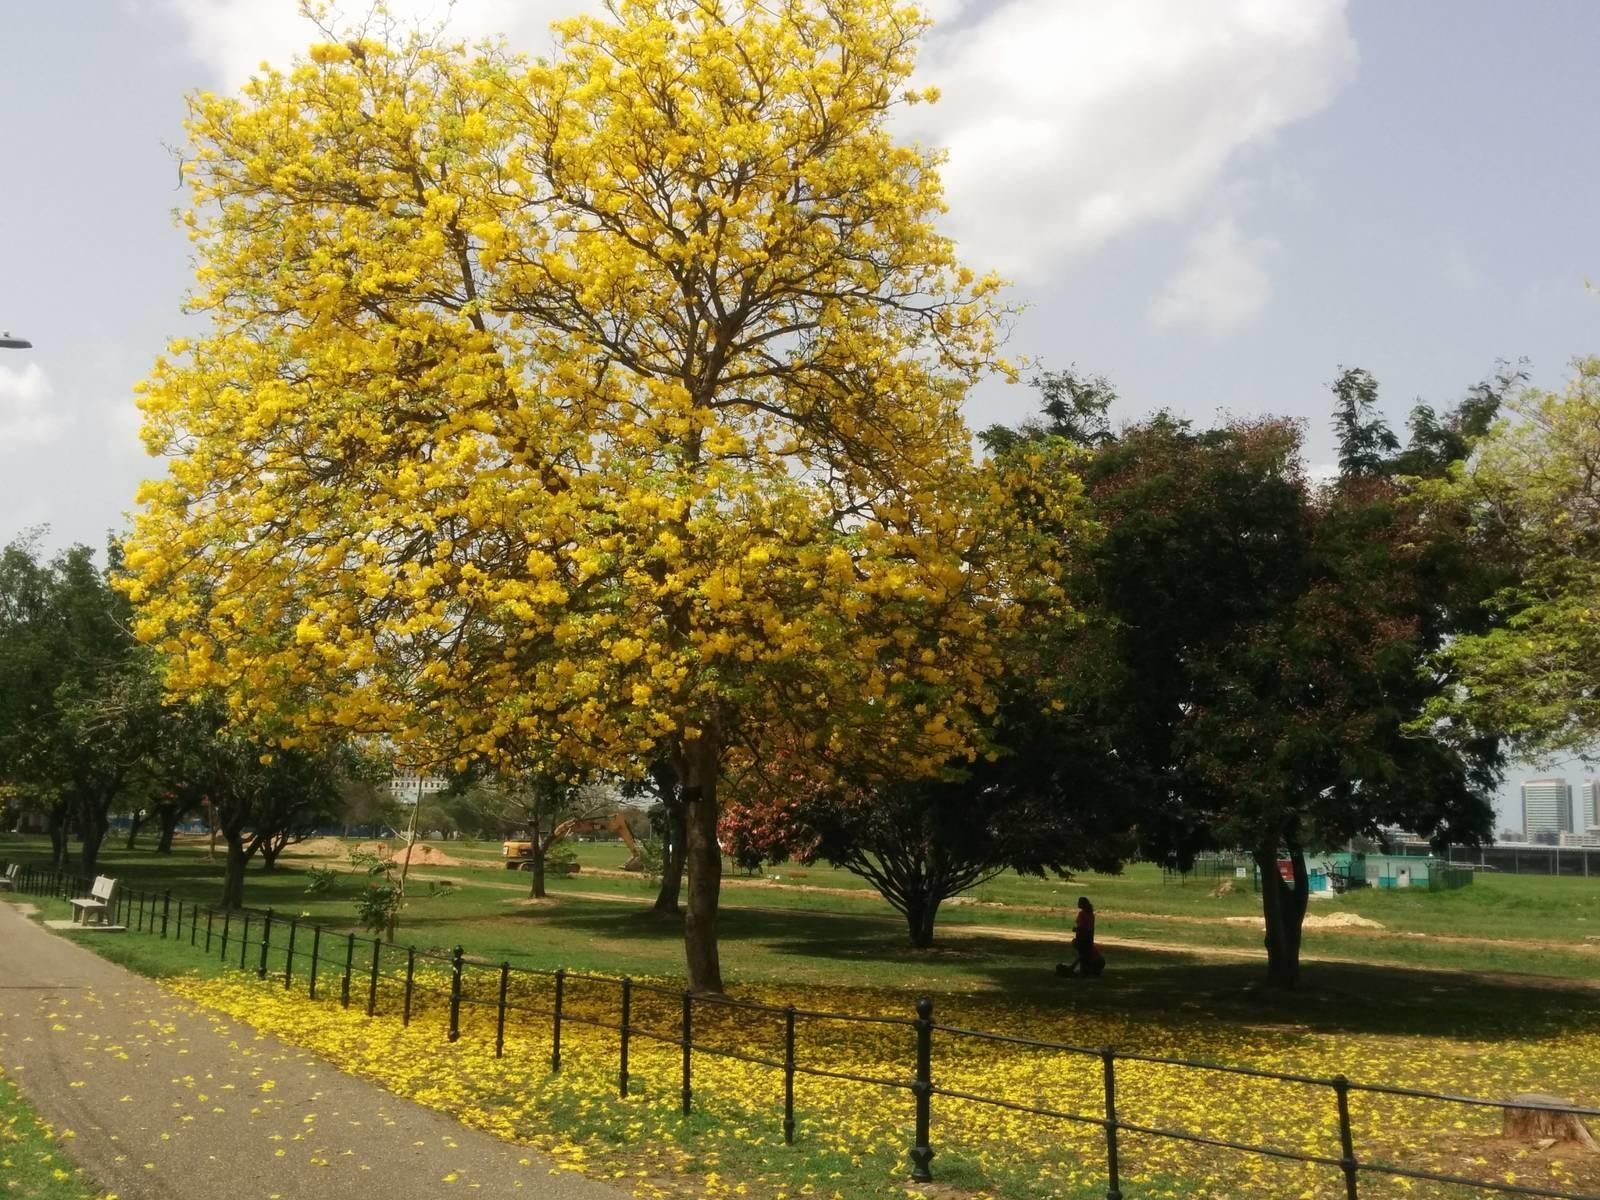 Queen S Park Savannah Destination Trinidad And Tobago